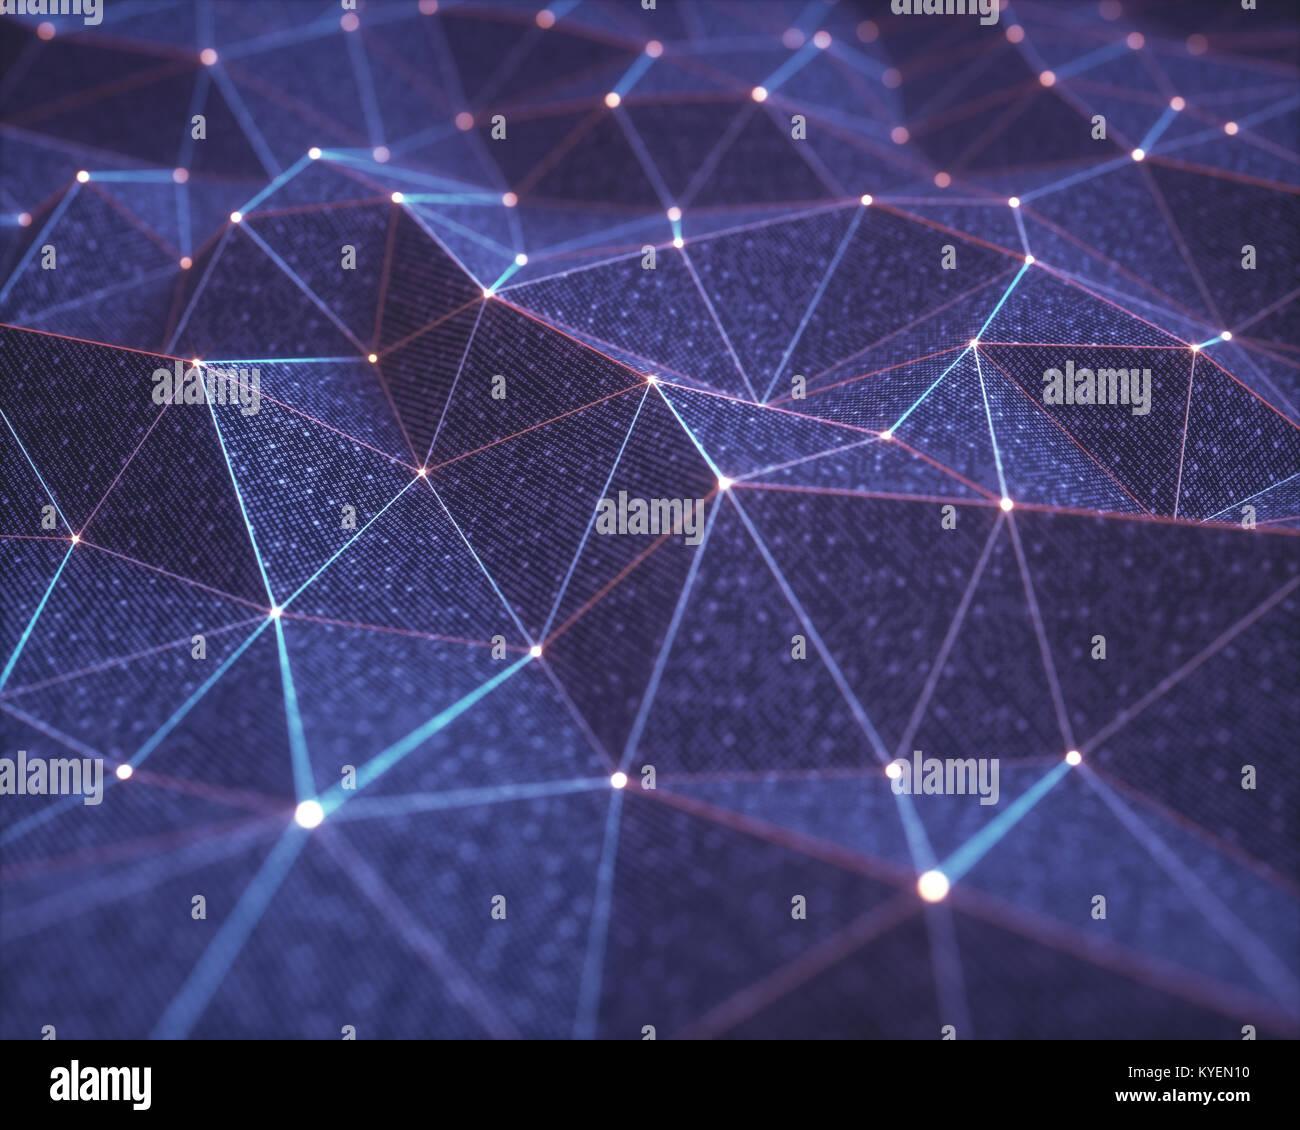 3D'illustrazione, sfondo astratto, concetto tecnologico. Le superfici di binari interconnessi da collegamenti Immagini Stock